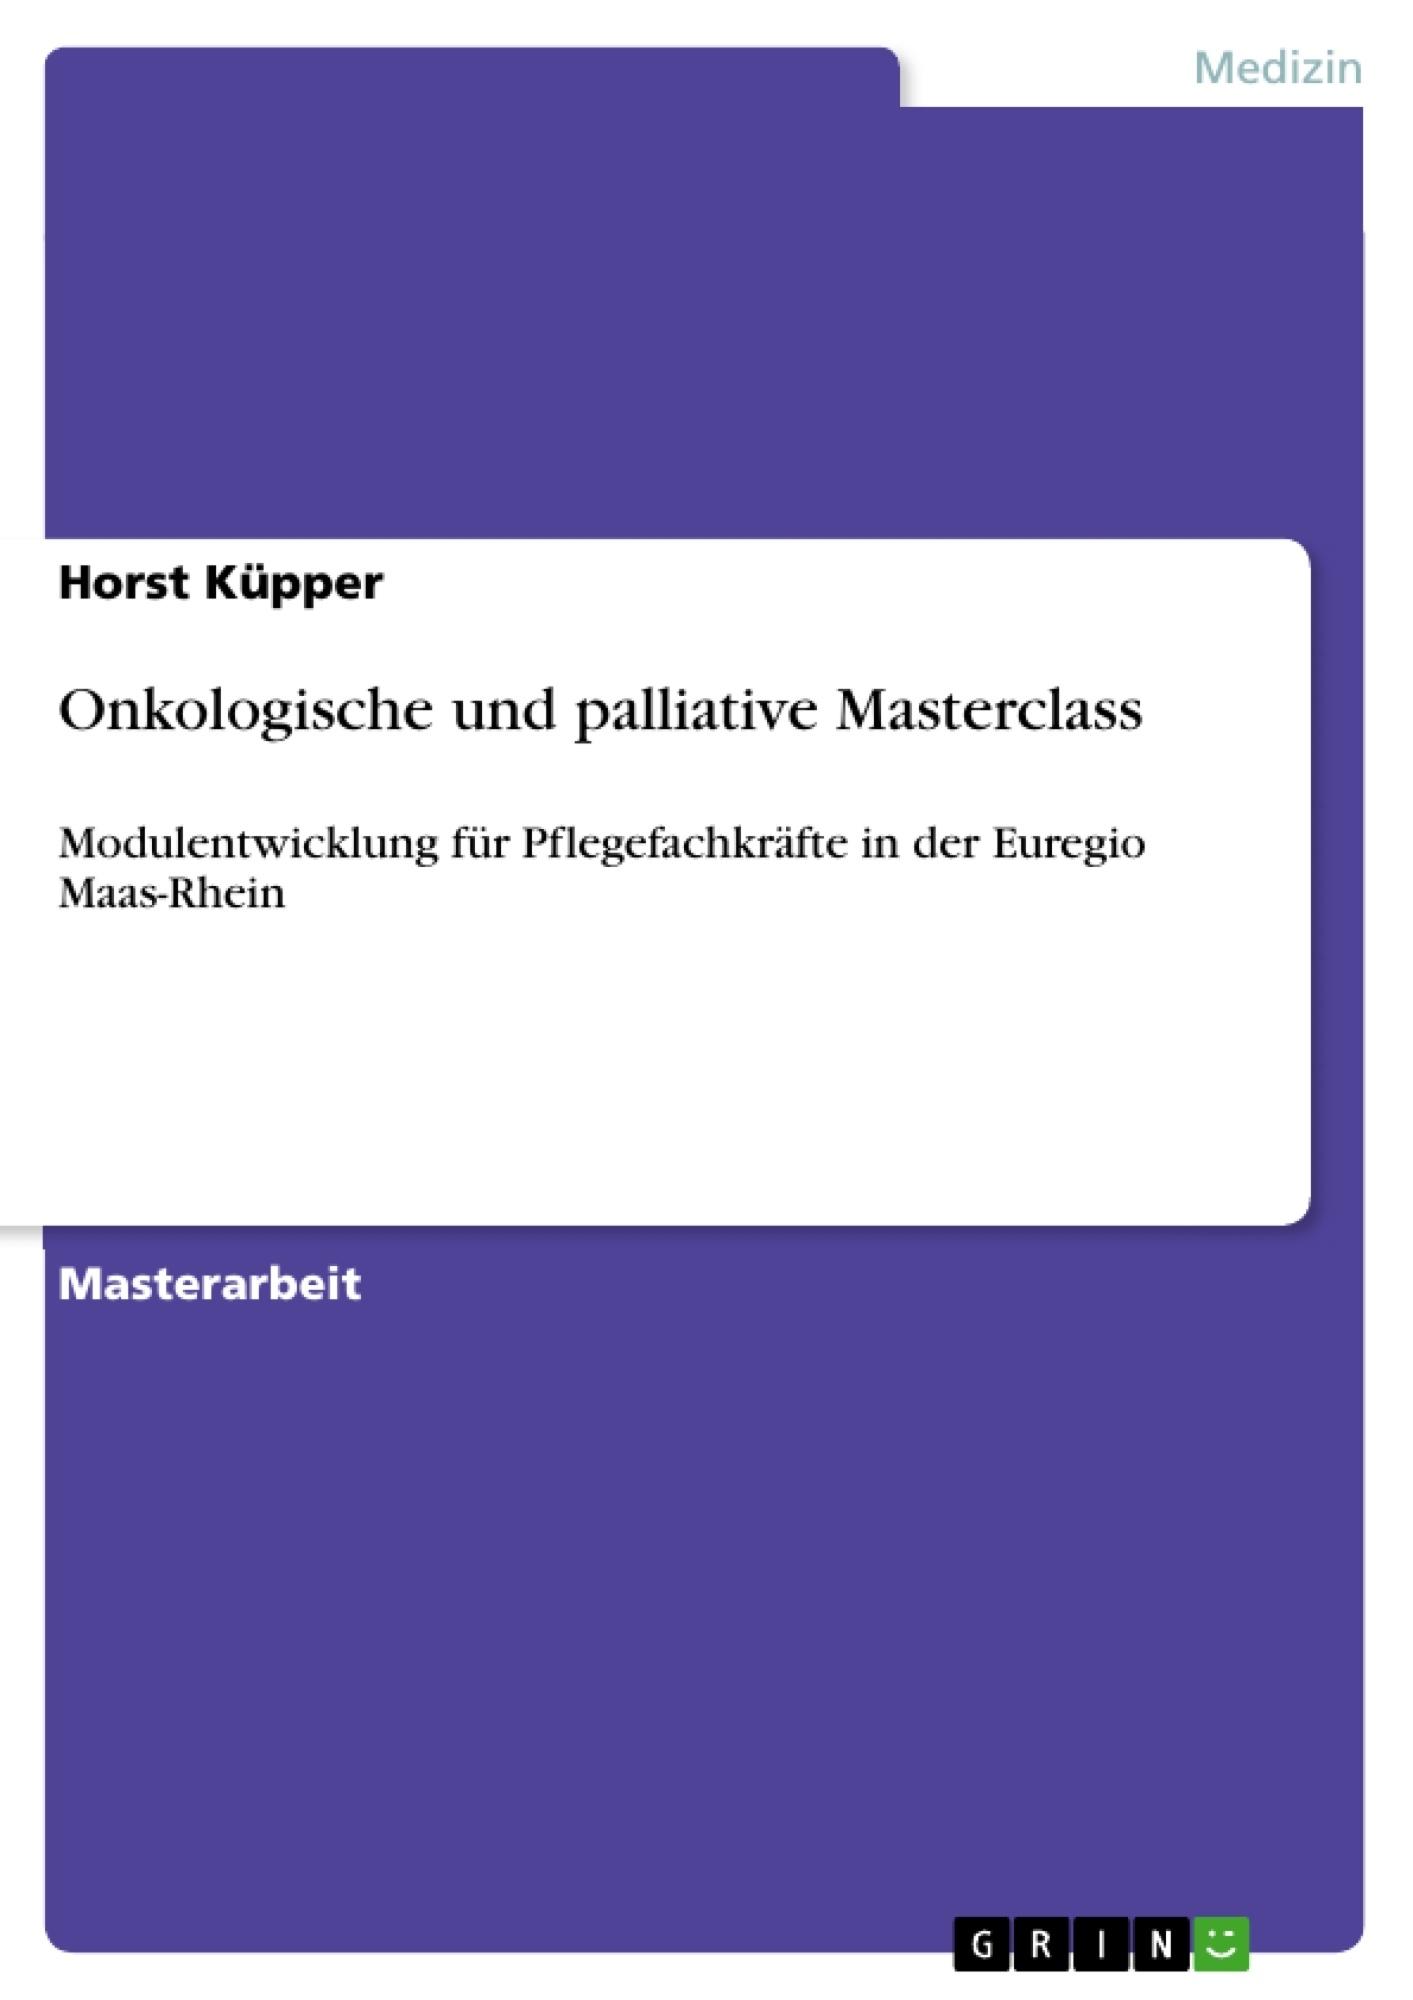 Titel: Onkologische und palliative Masterclass